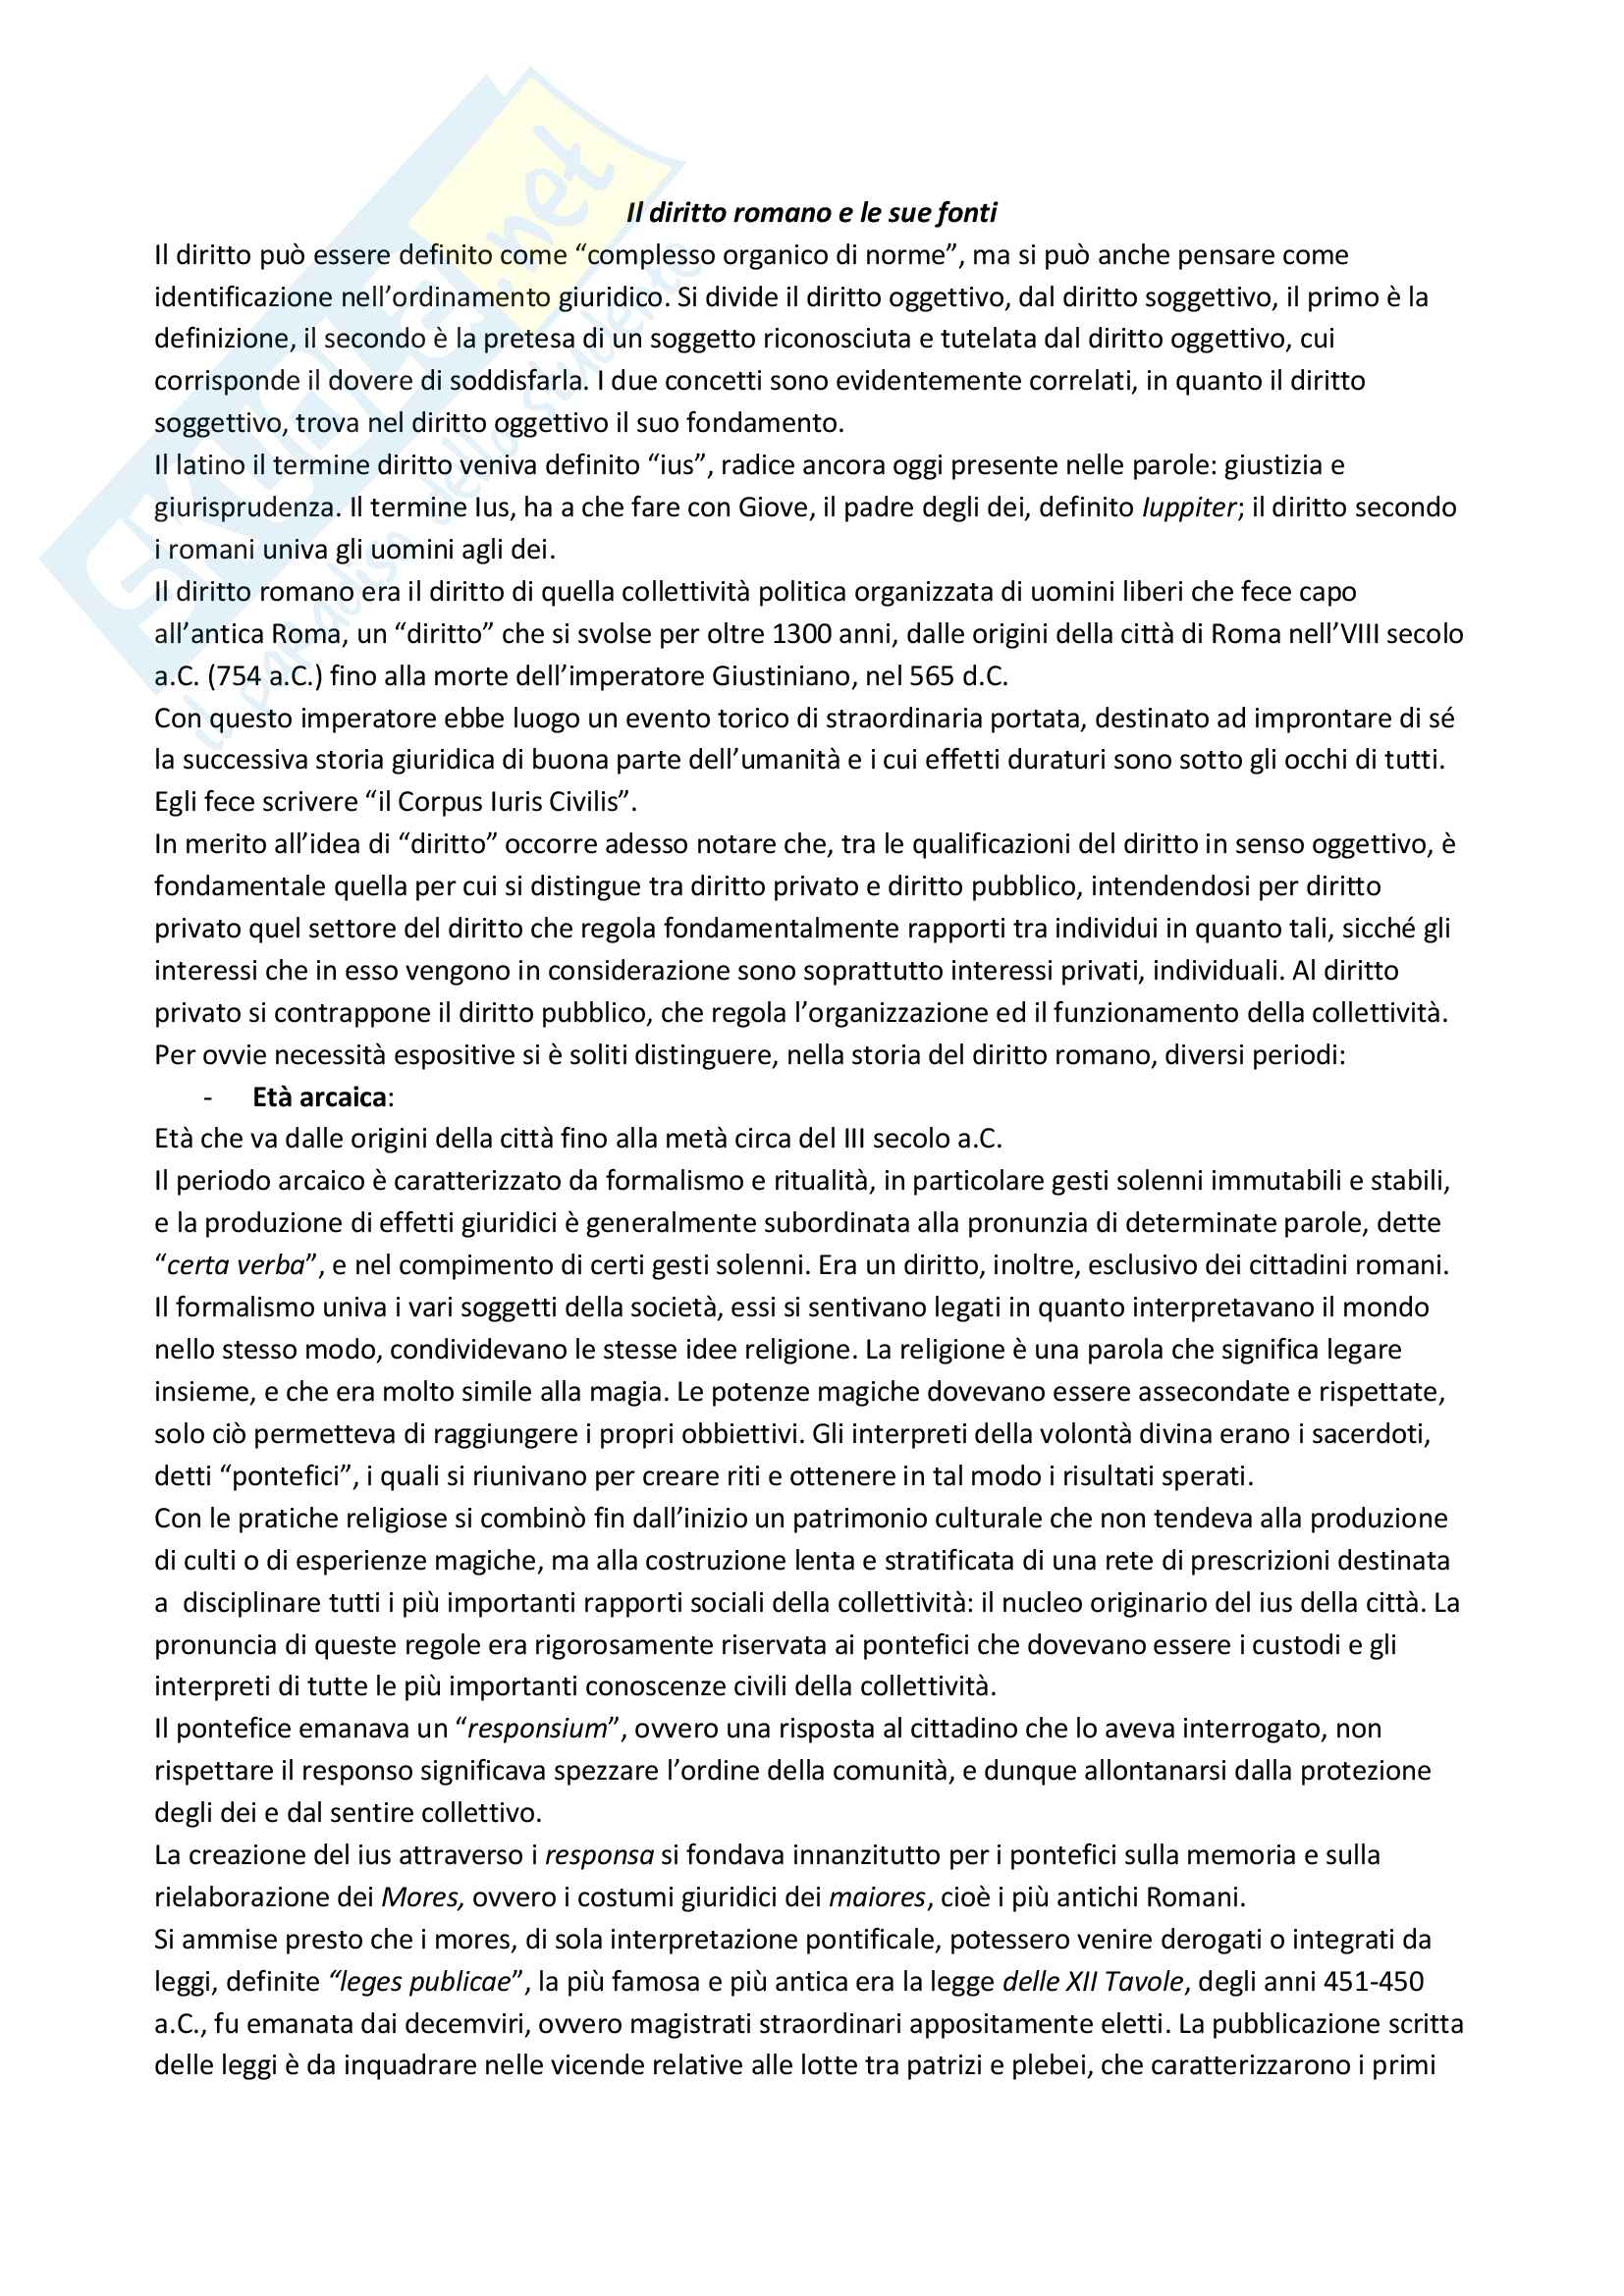 Appunti per l'esame di istituzioni di diritto romano